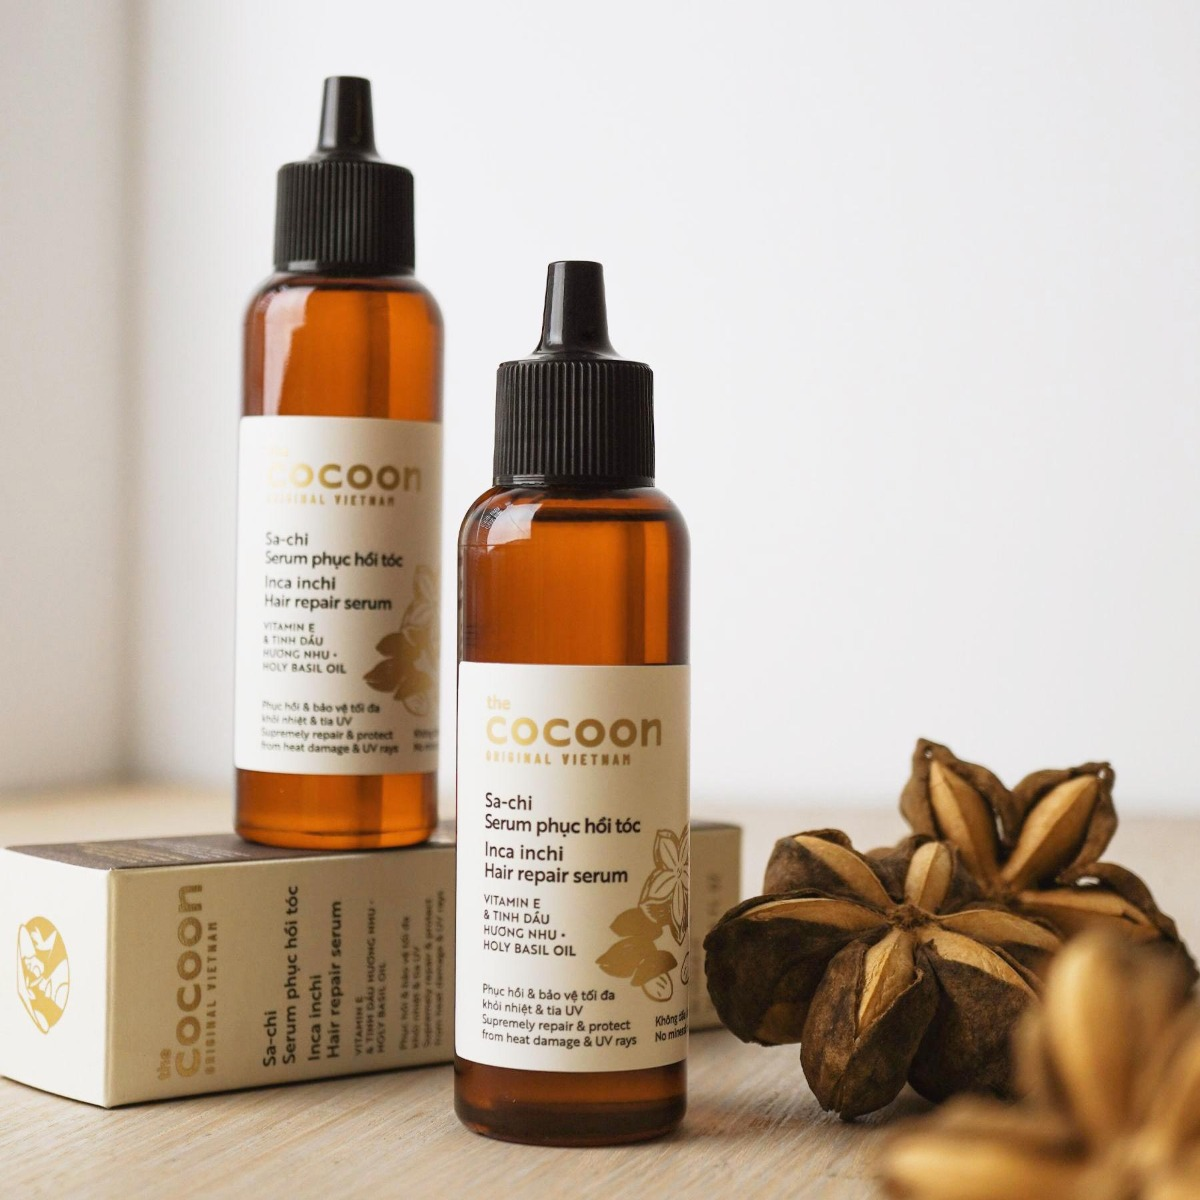 Serum dưỡng tóc Hỗ Trợ Phục Hồi Tóc Cocoon